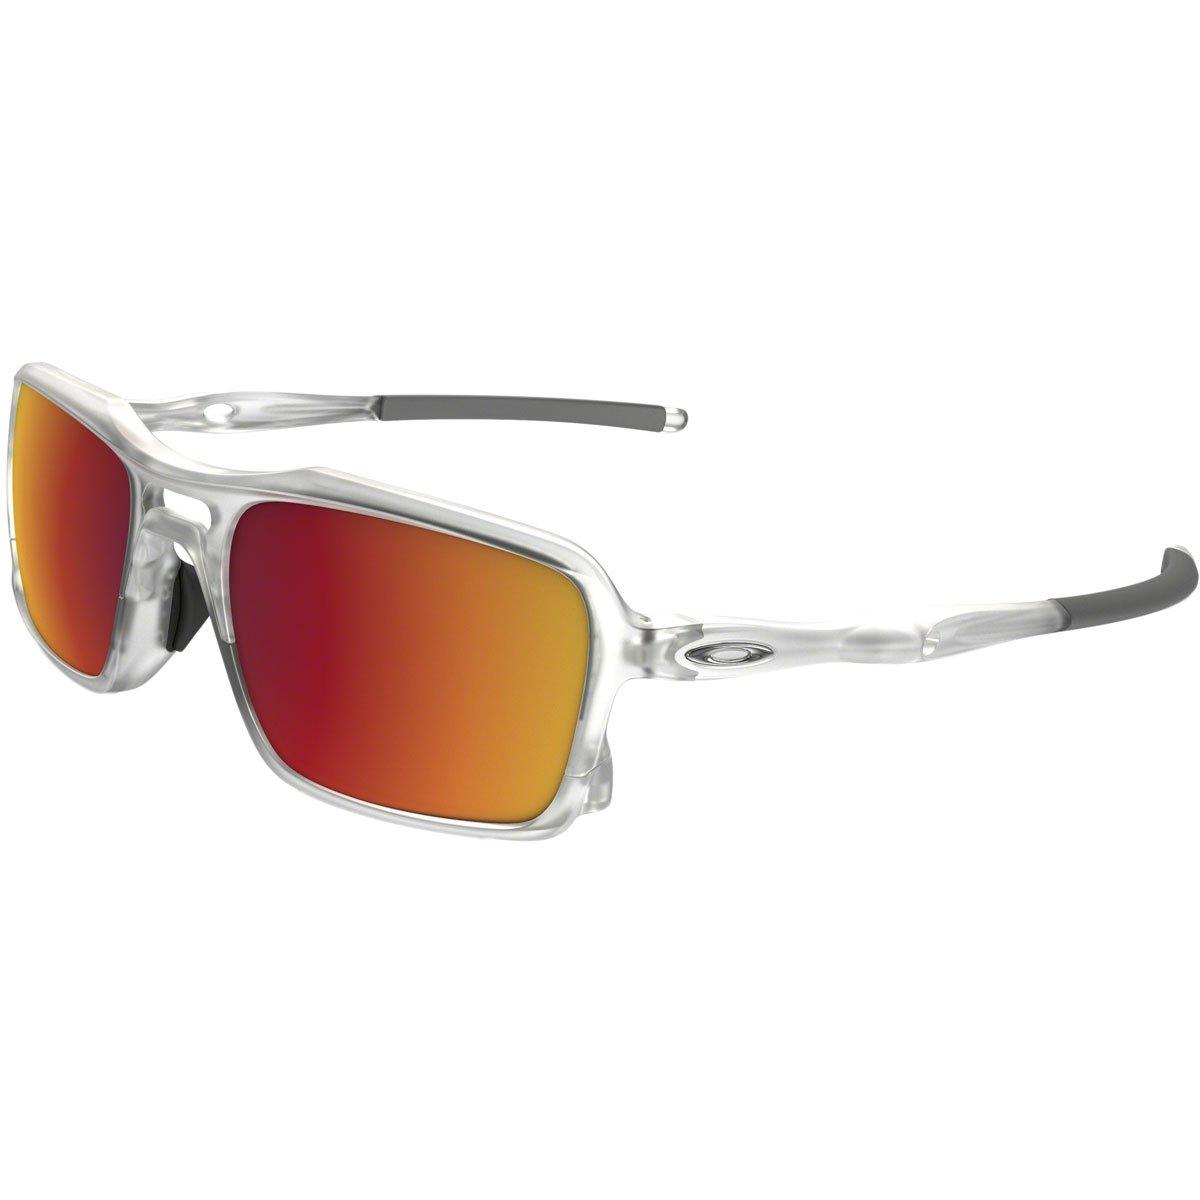 6a25d601ec1 Oakley Men s Triggerman OO9266 - TiendaMIA.com